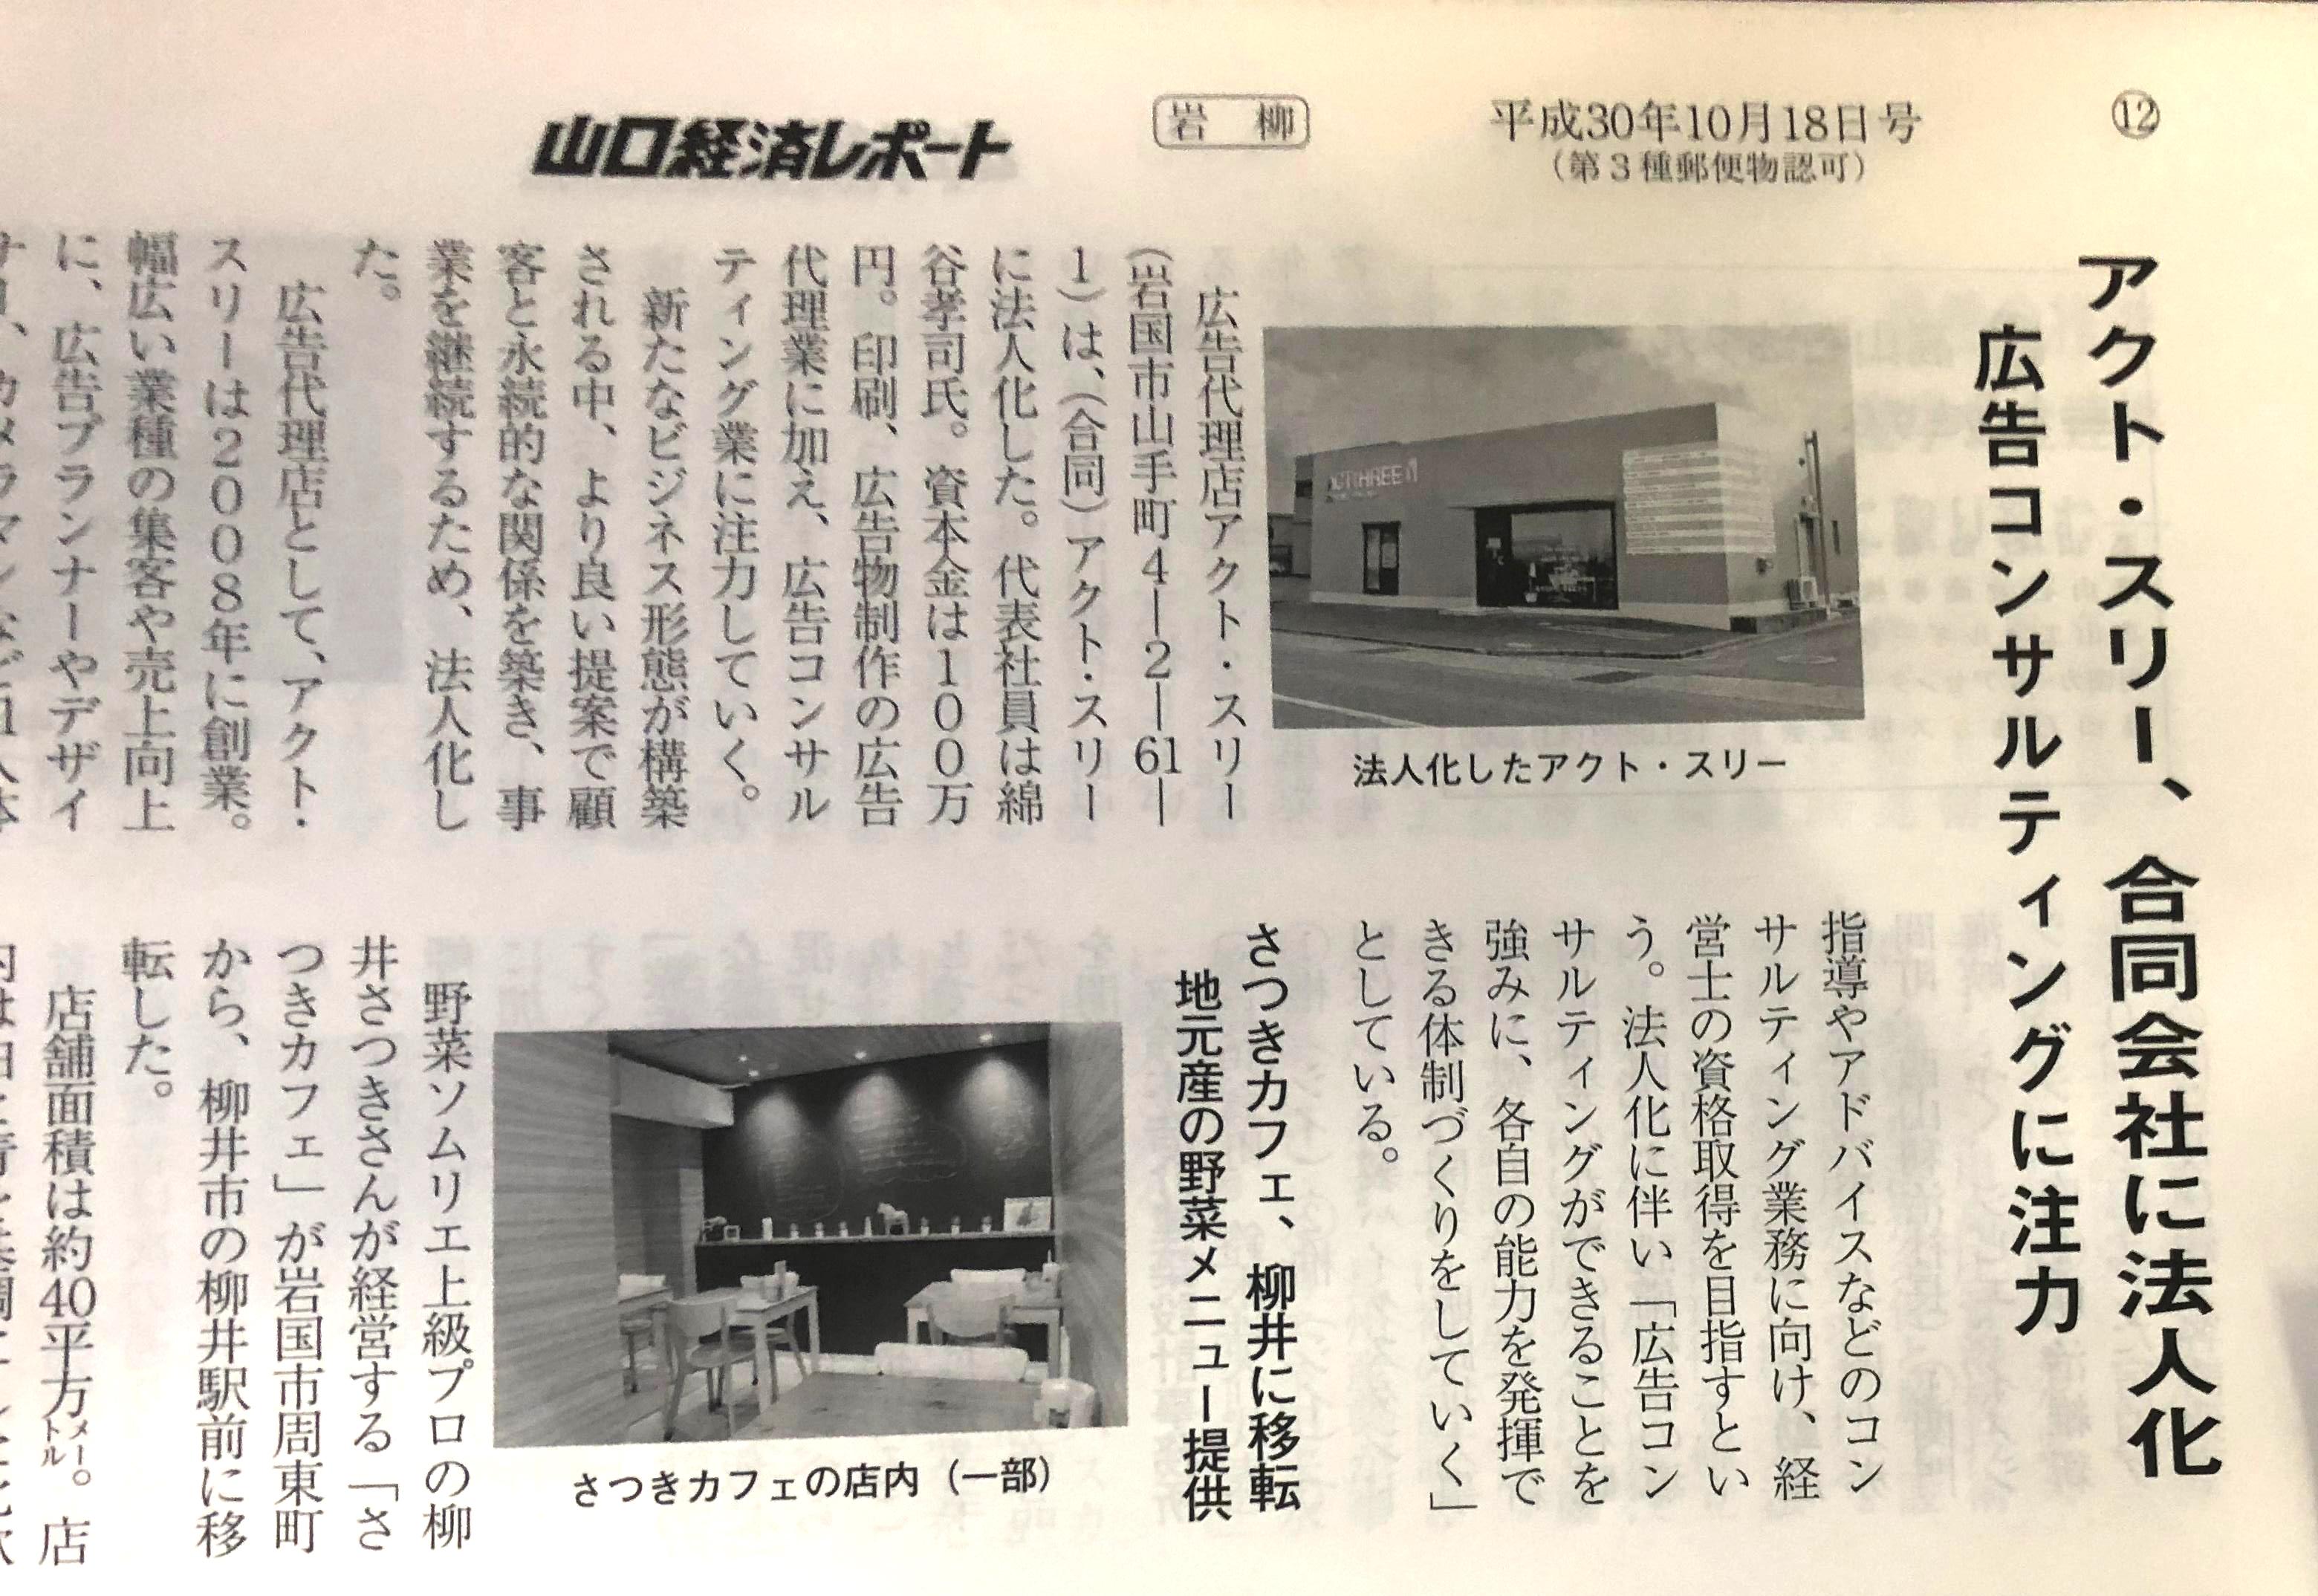 メディア掲載情報【山口経済レポート】